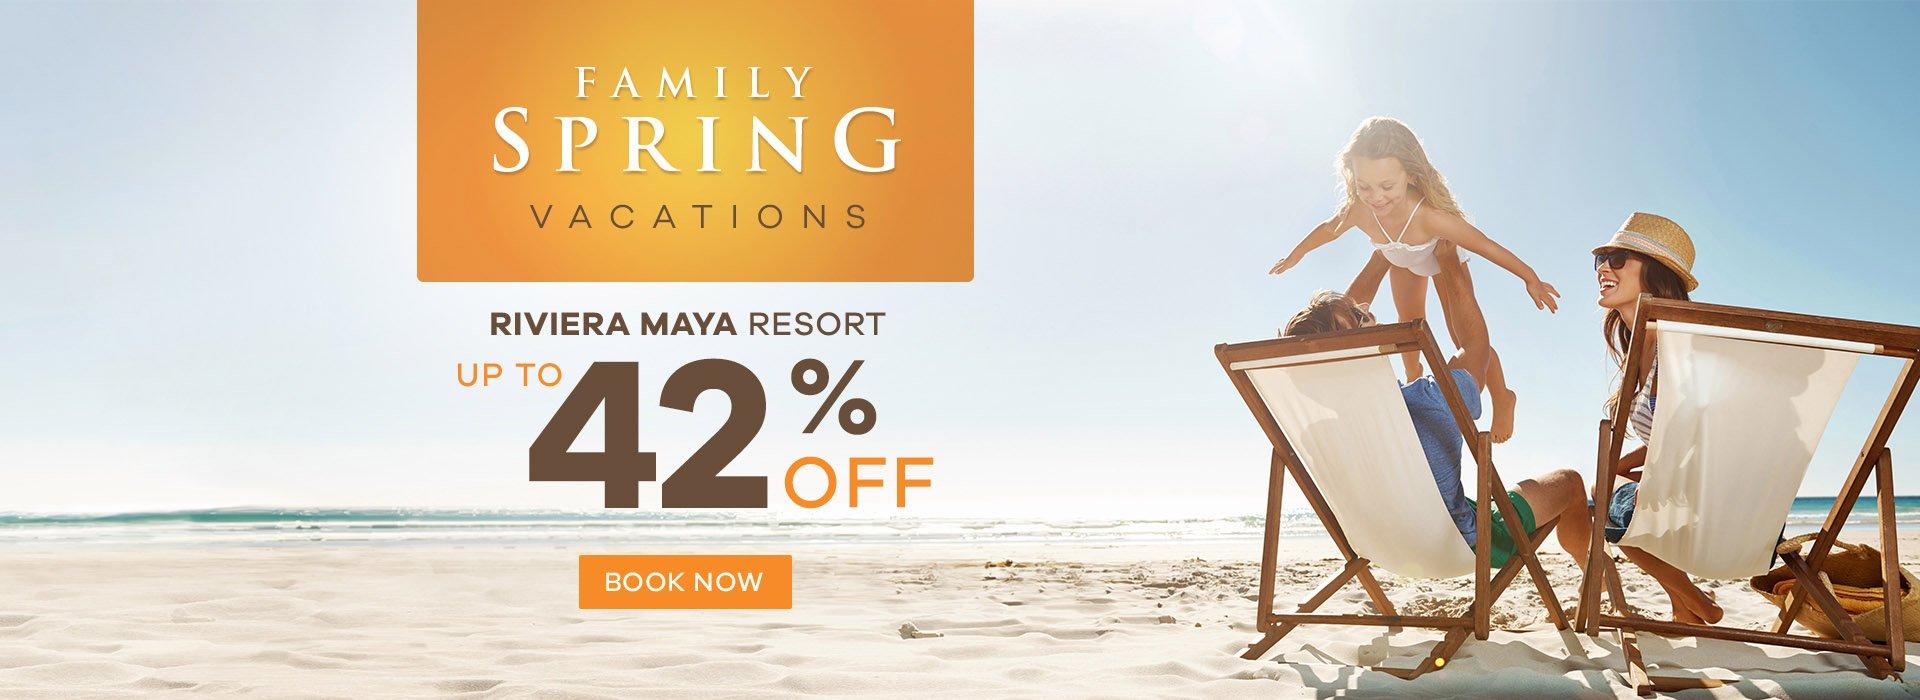 Family Spring Vacations in Riviera Maya